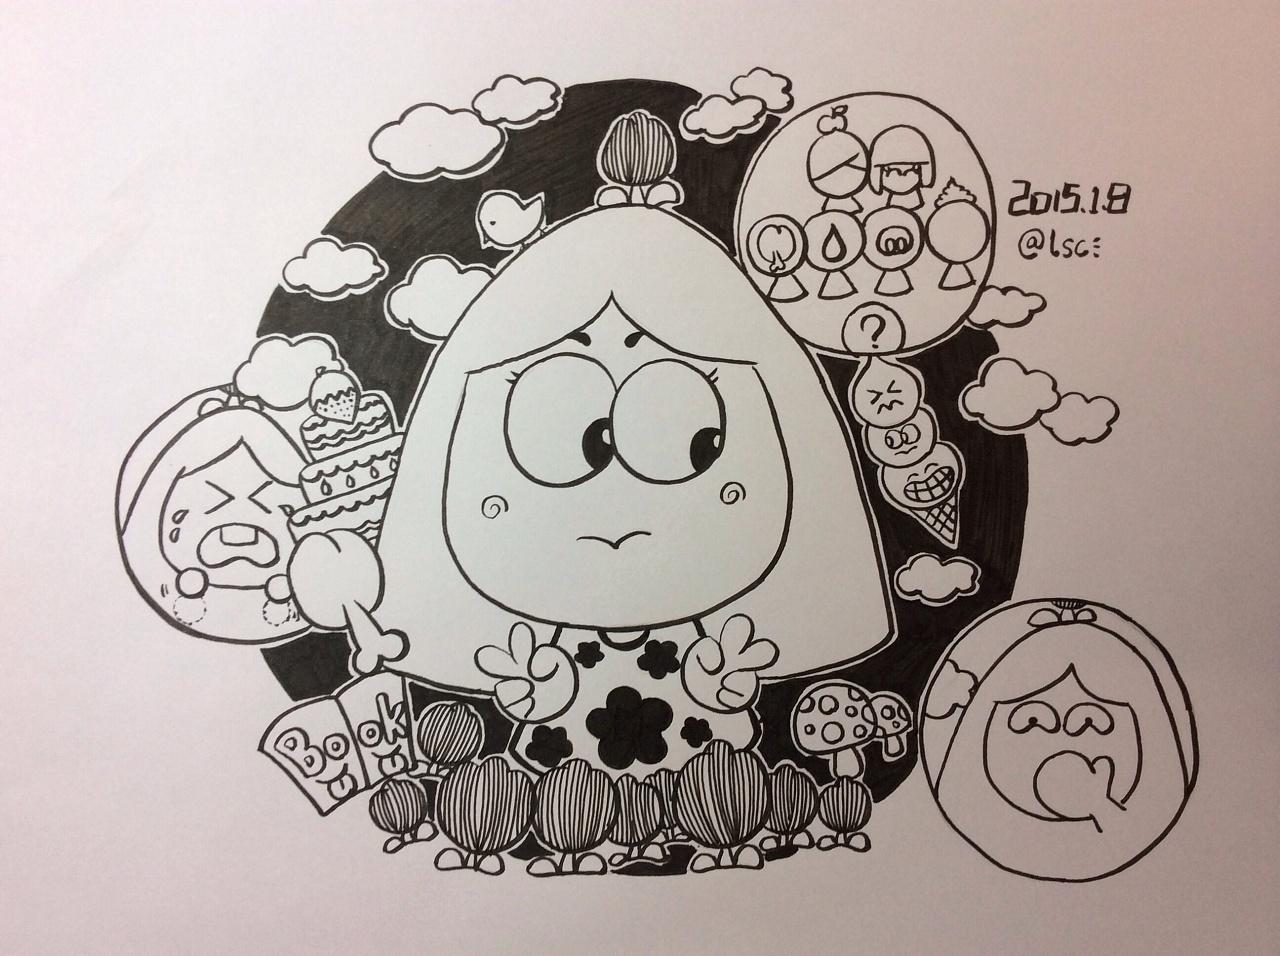 原创手绘黑白小画1